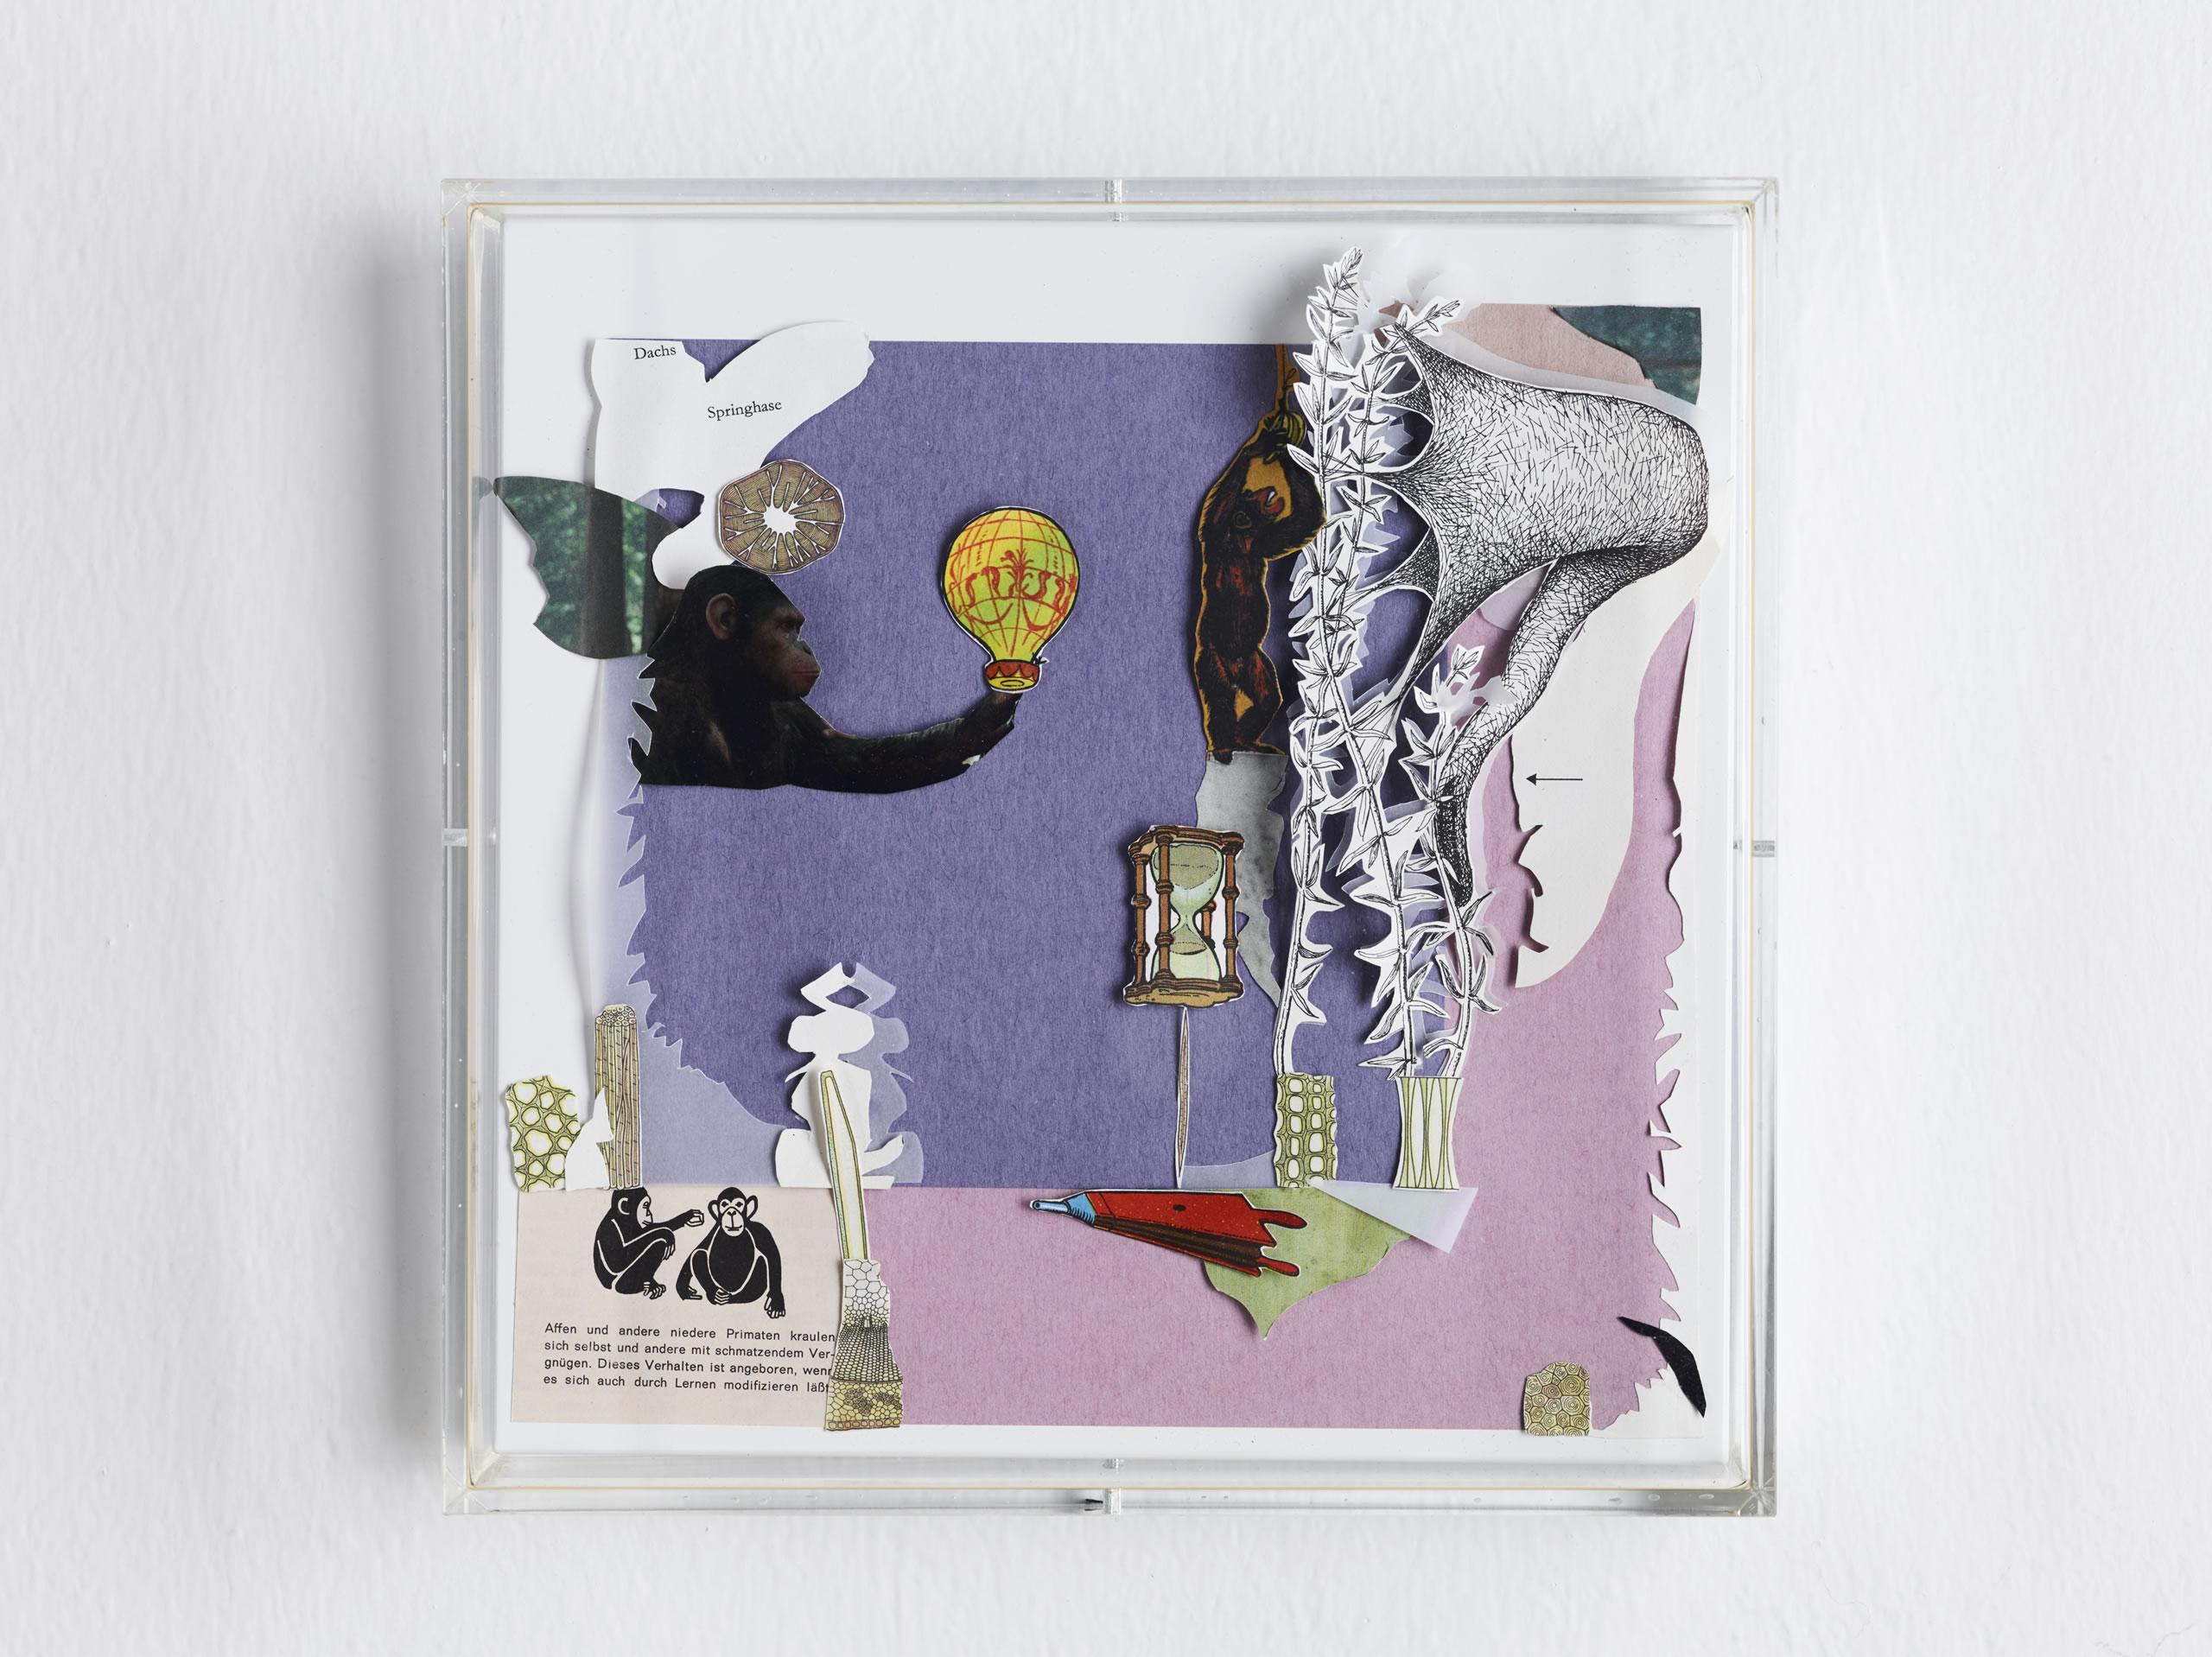 Galerie3 | Karen Elliot | Dachs und Springhase | Collage in Acrylglaskasten | 2017 | 23 x 23 cm | Foto: Johannes Puch